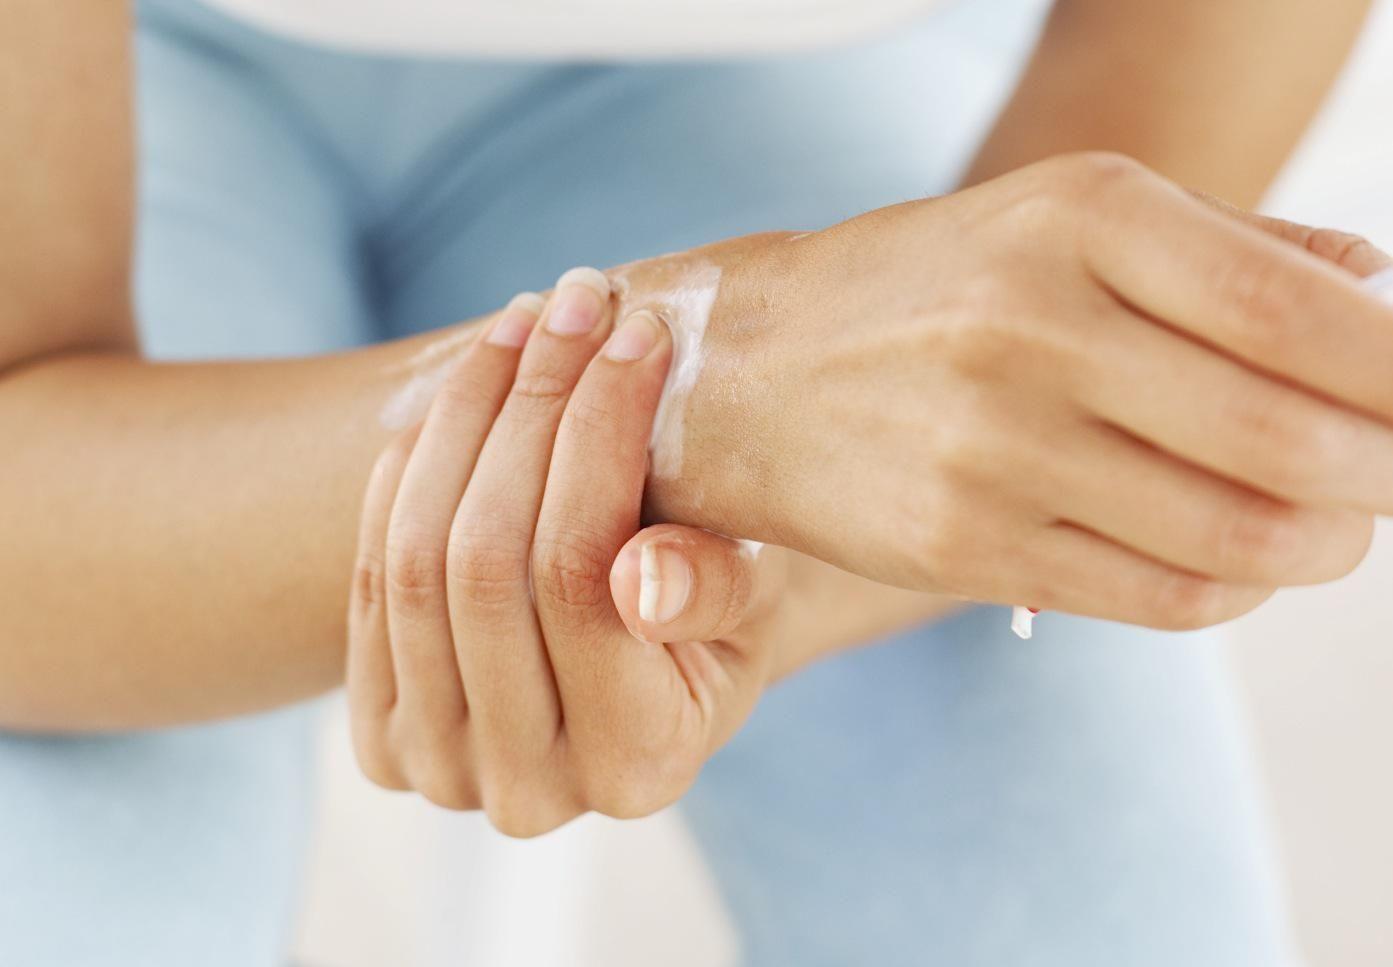 csuklófájdalom melyik orvoshoz